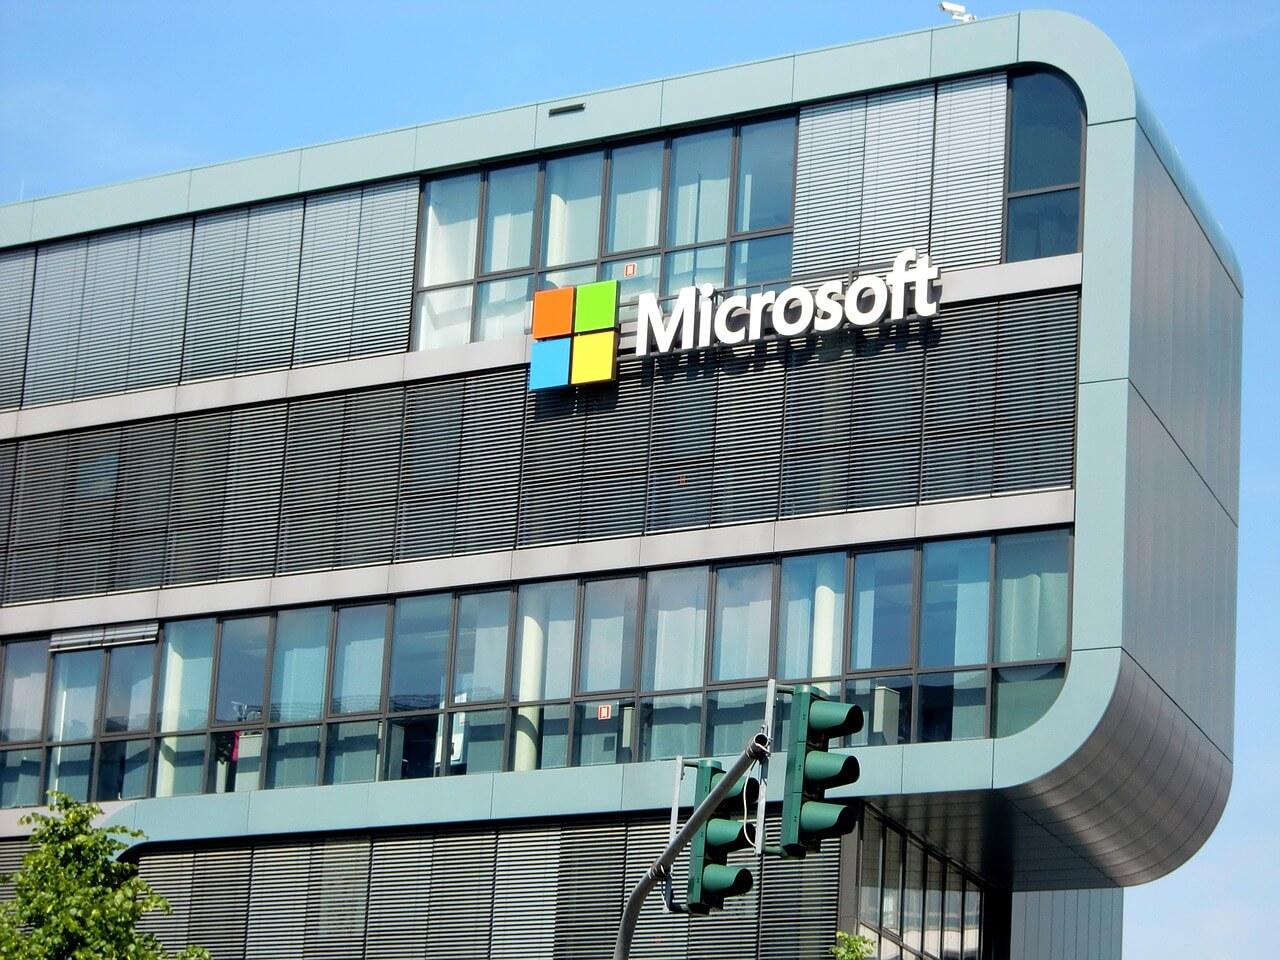 edificios microsoft